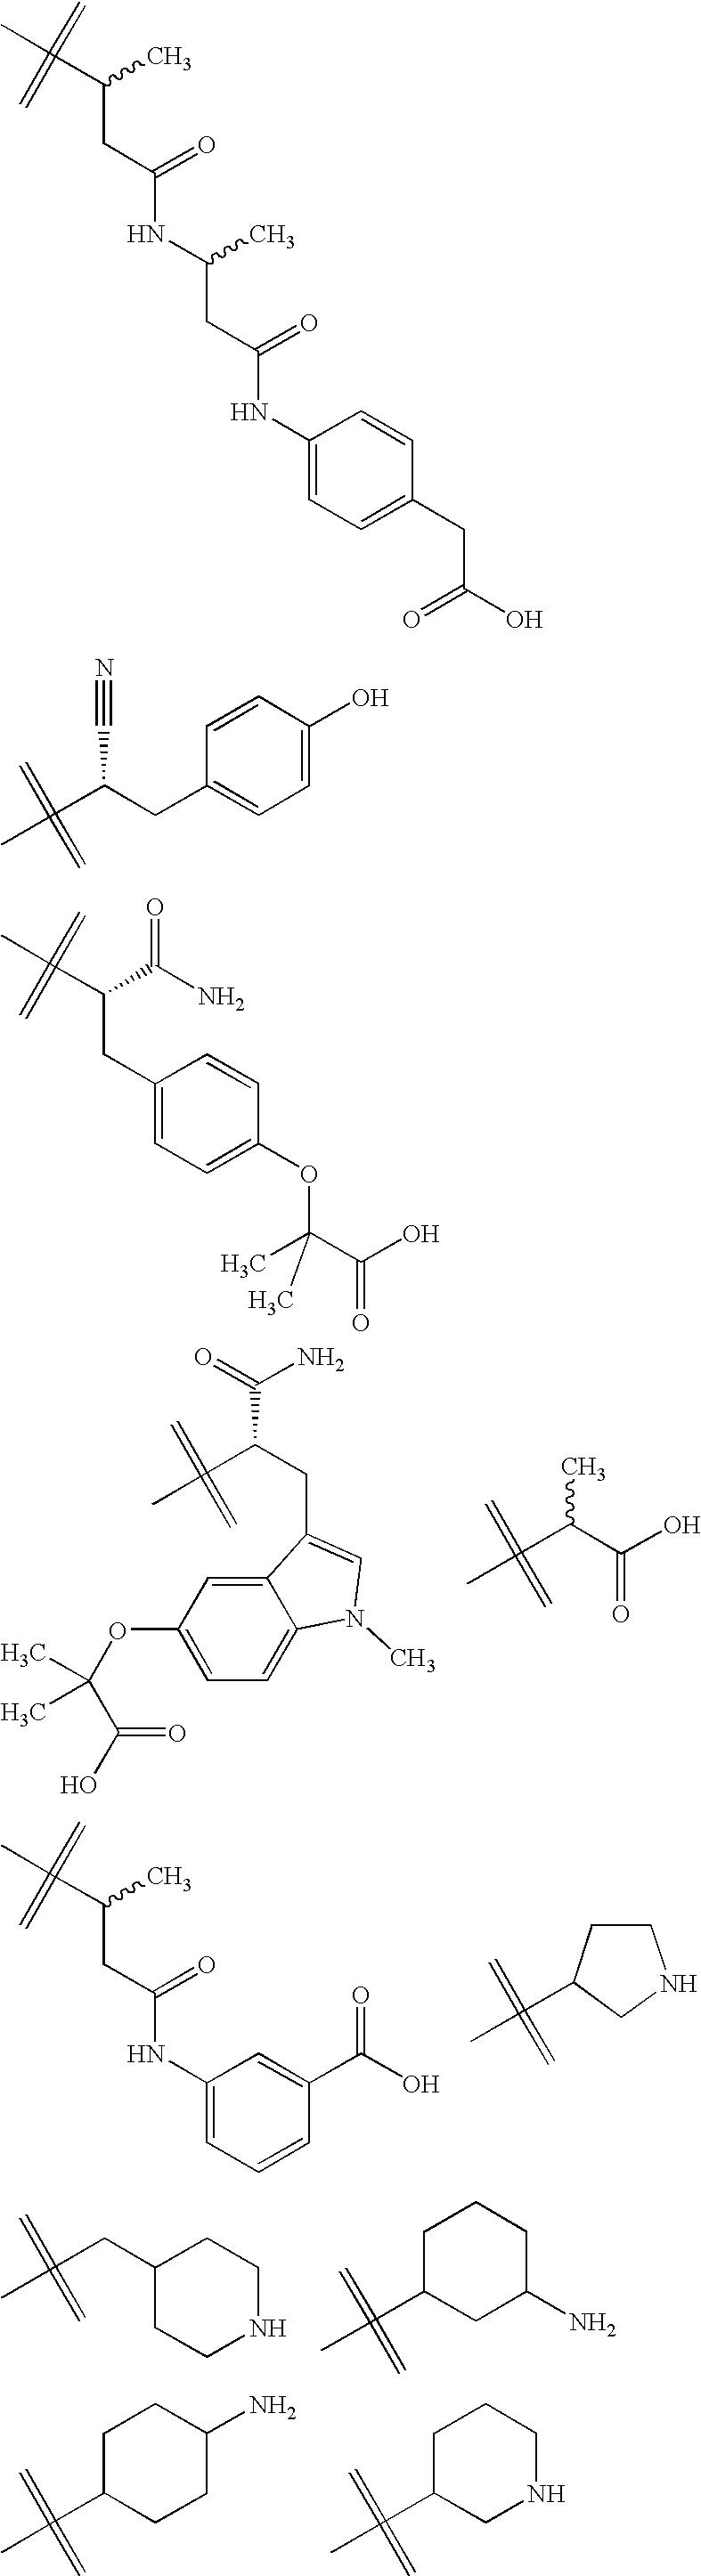 Figure US20070049593A1-20070301-C00098